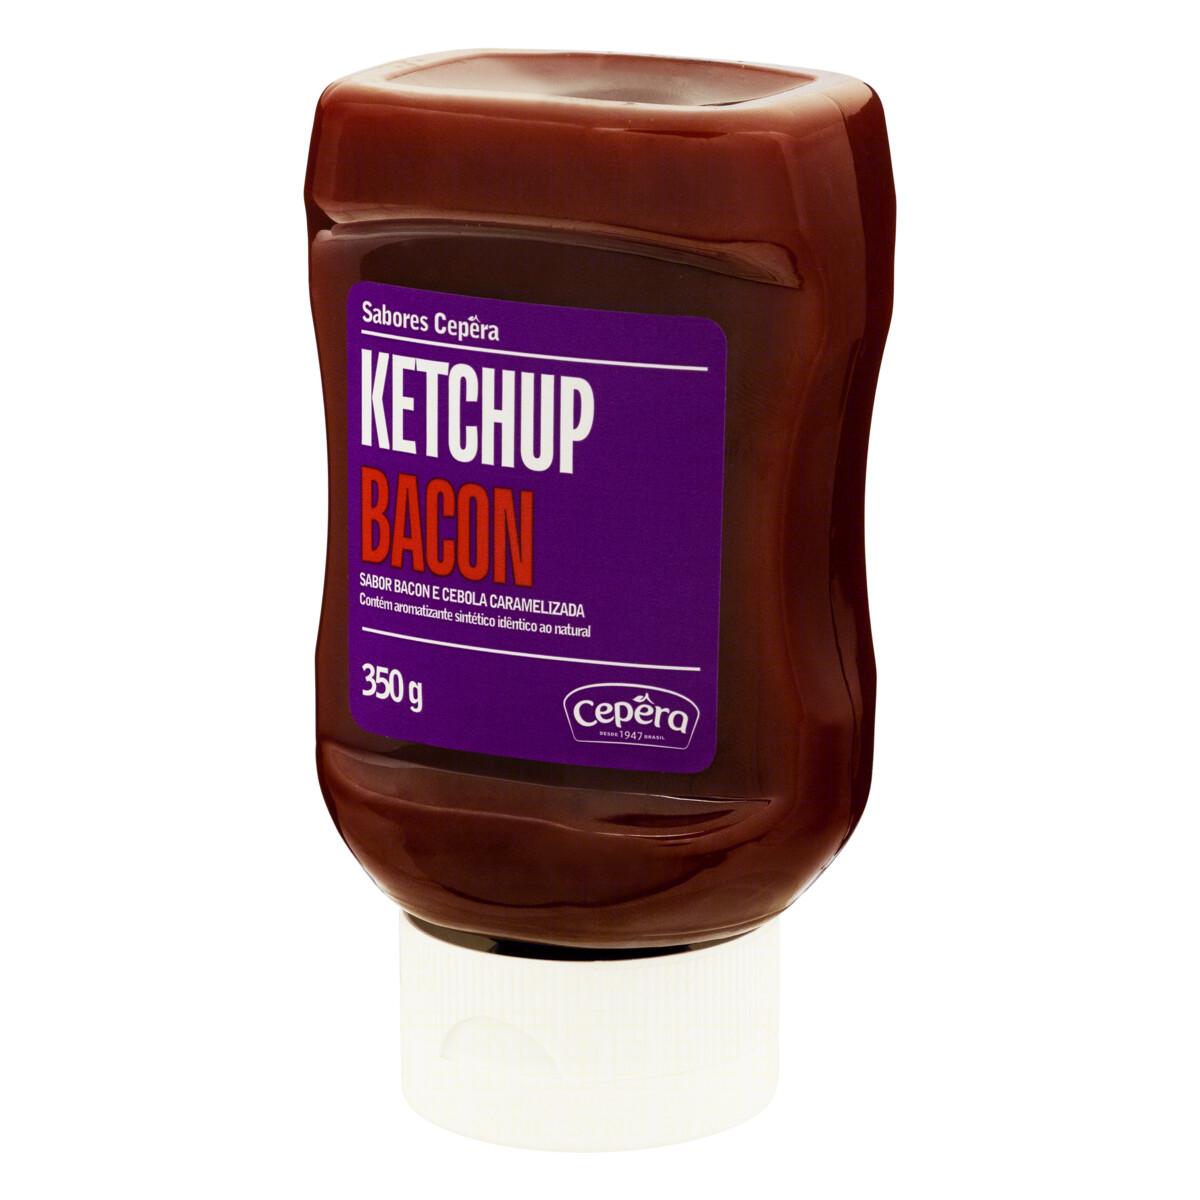 Ketchup Bacon 350g